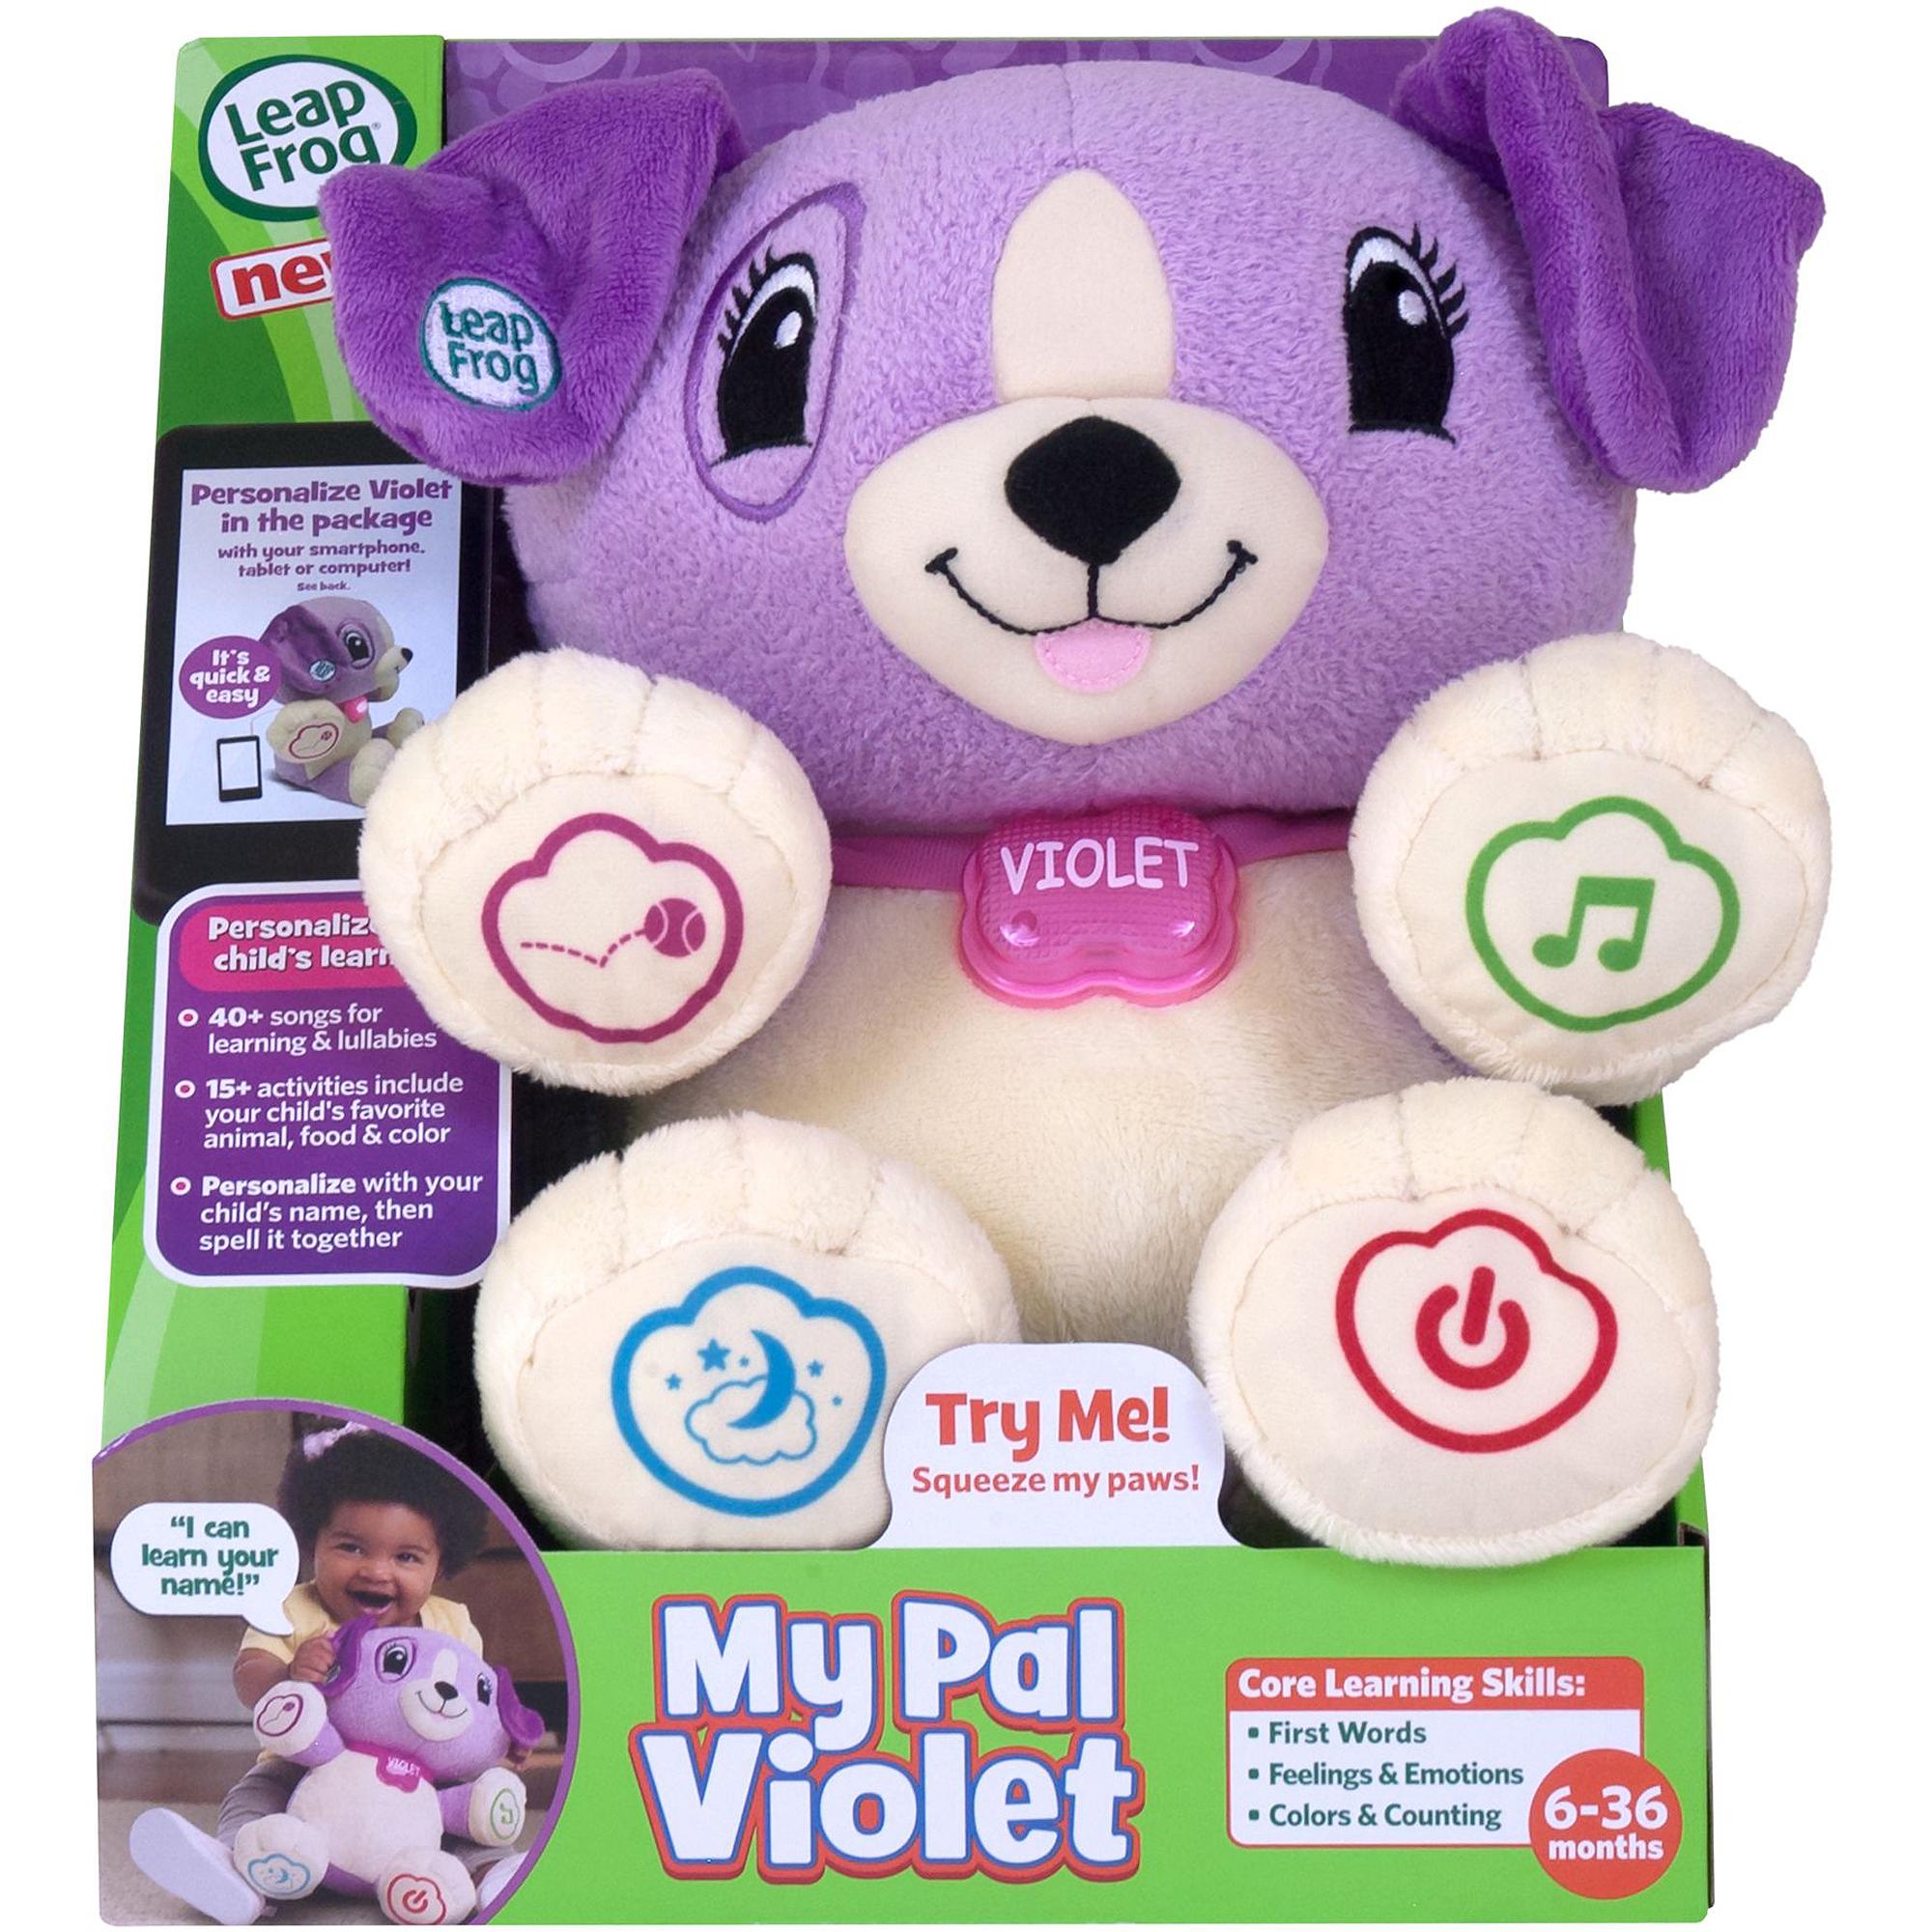 พร้อมส่งส่งฟรี My Pal Violet leapfrog ของแท้งานห้าง